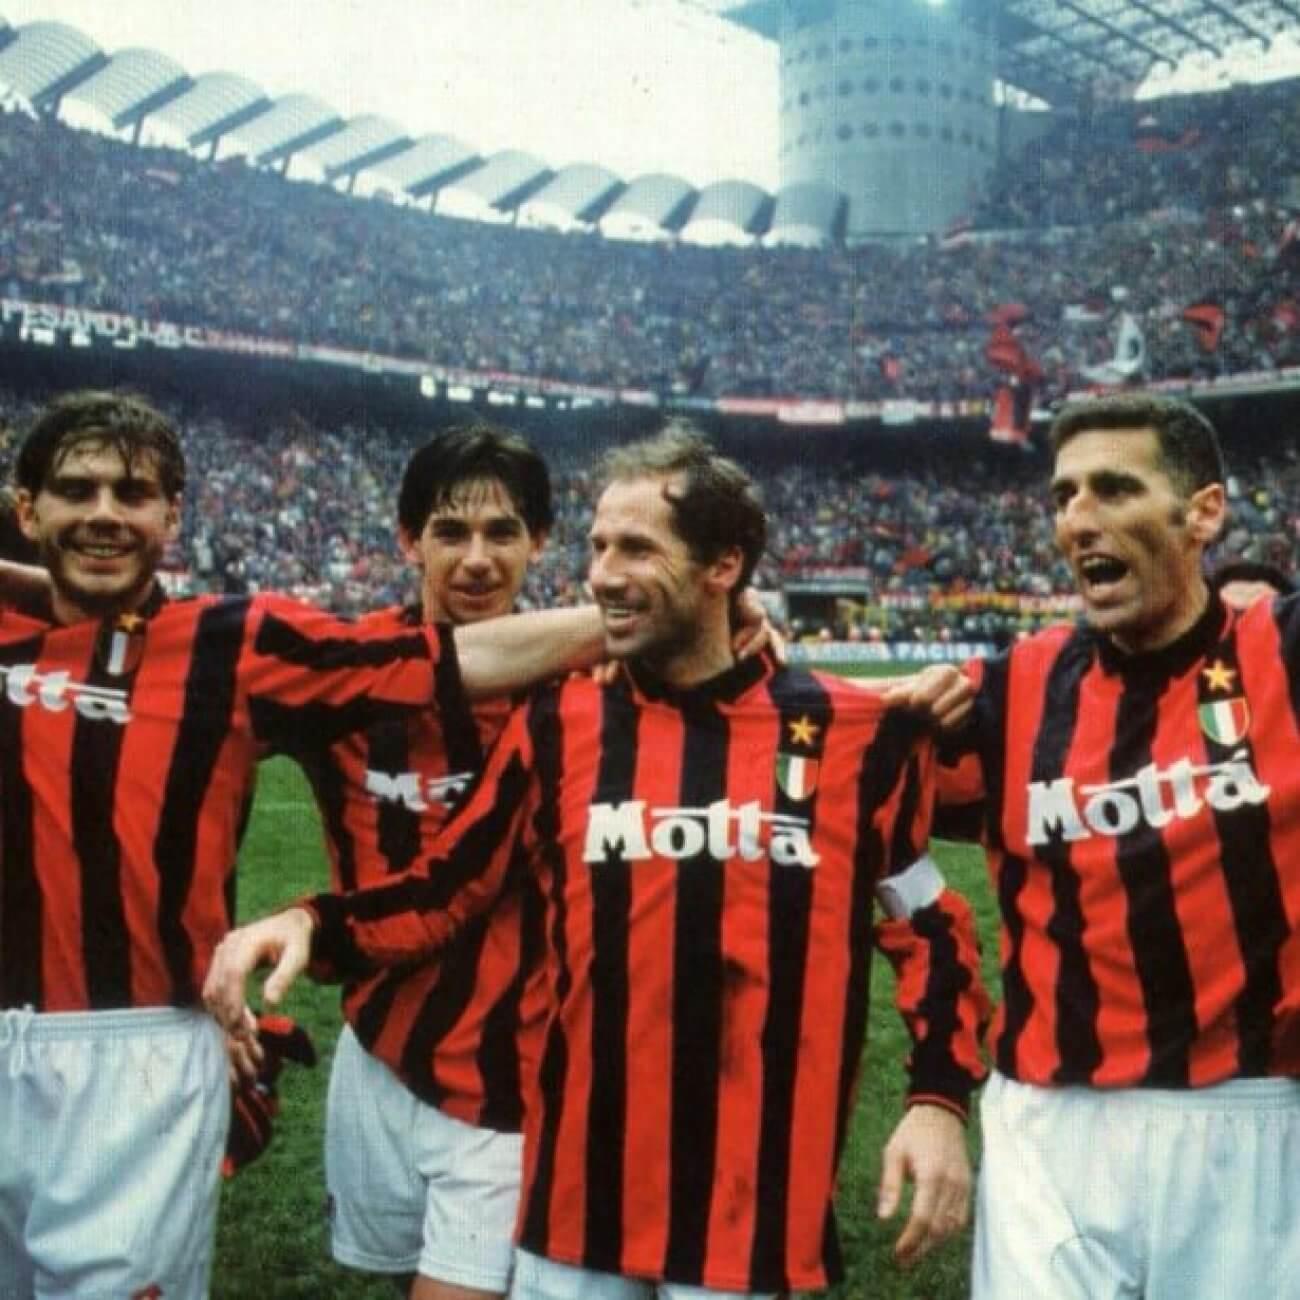 Joueurs de l'Ac Milan 1994